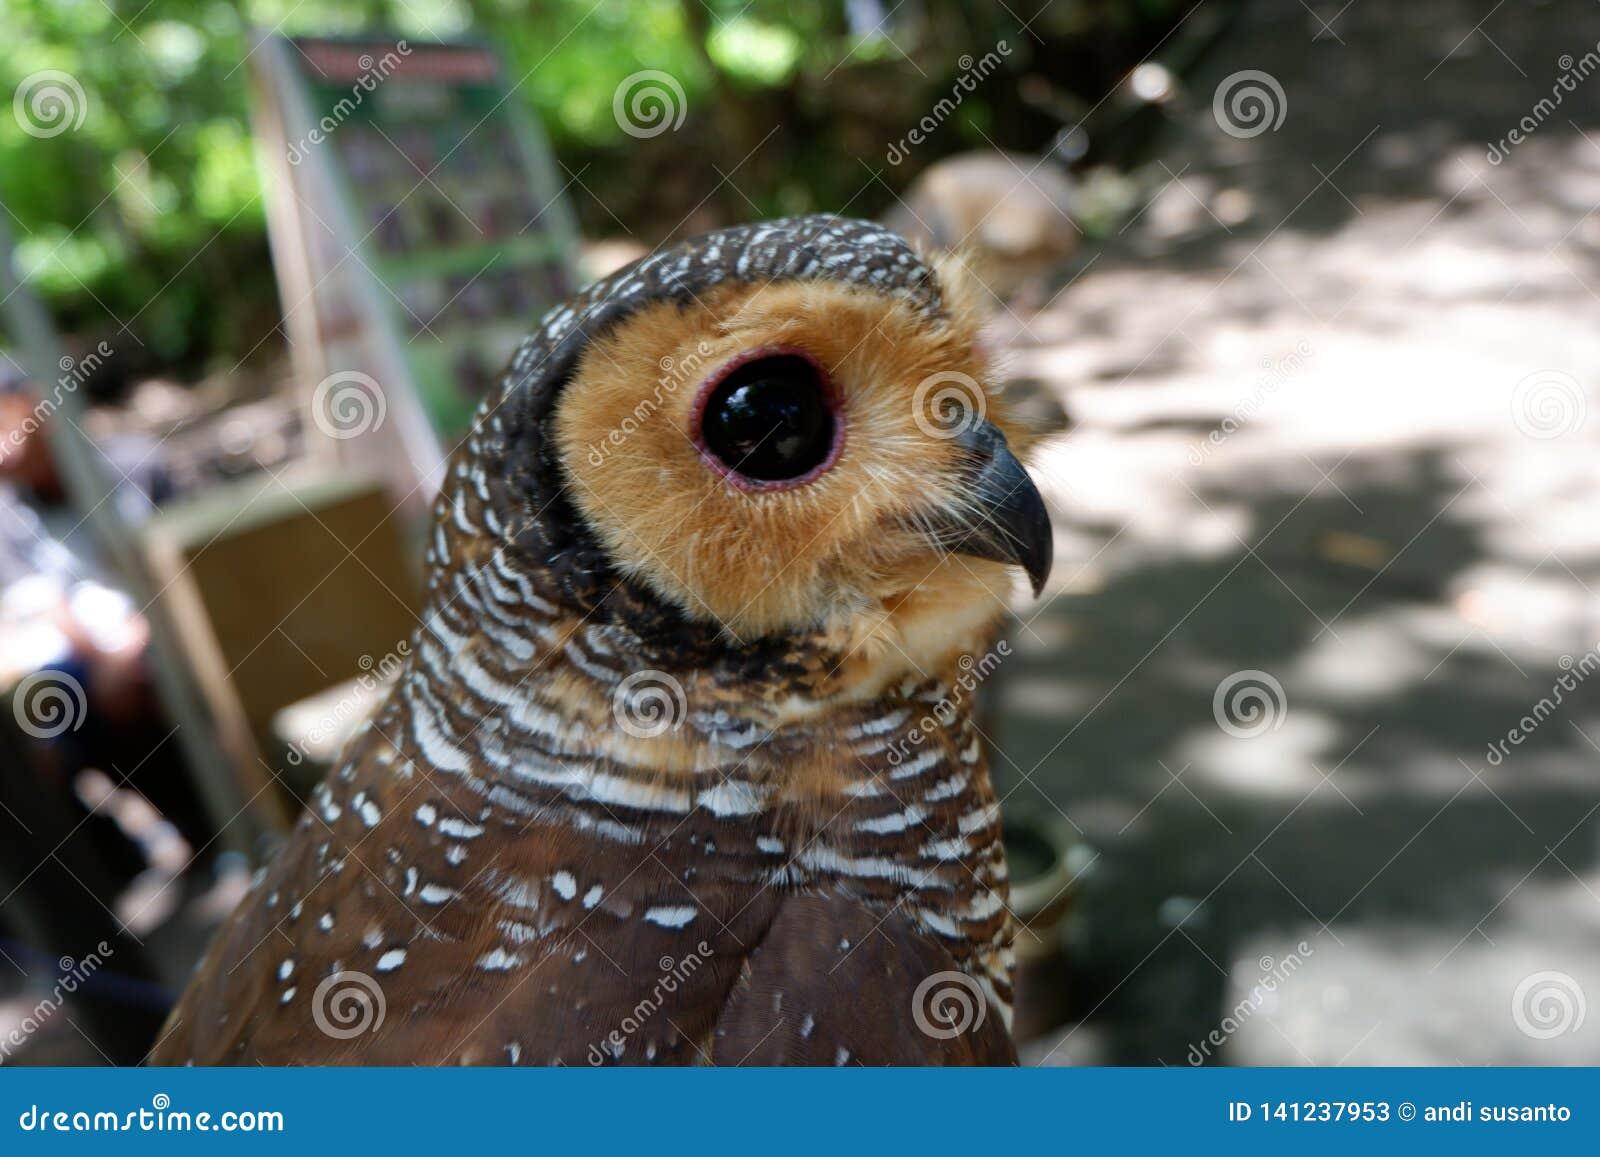 Los búhos son raros con los ojos hermosos que viven en el salvaje